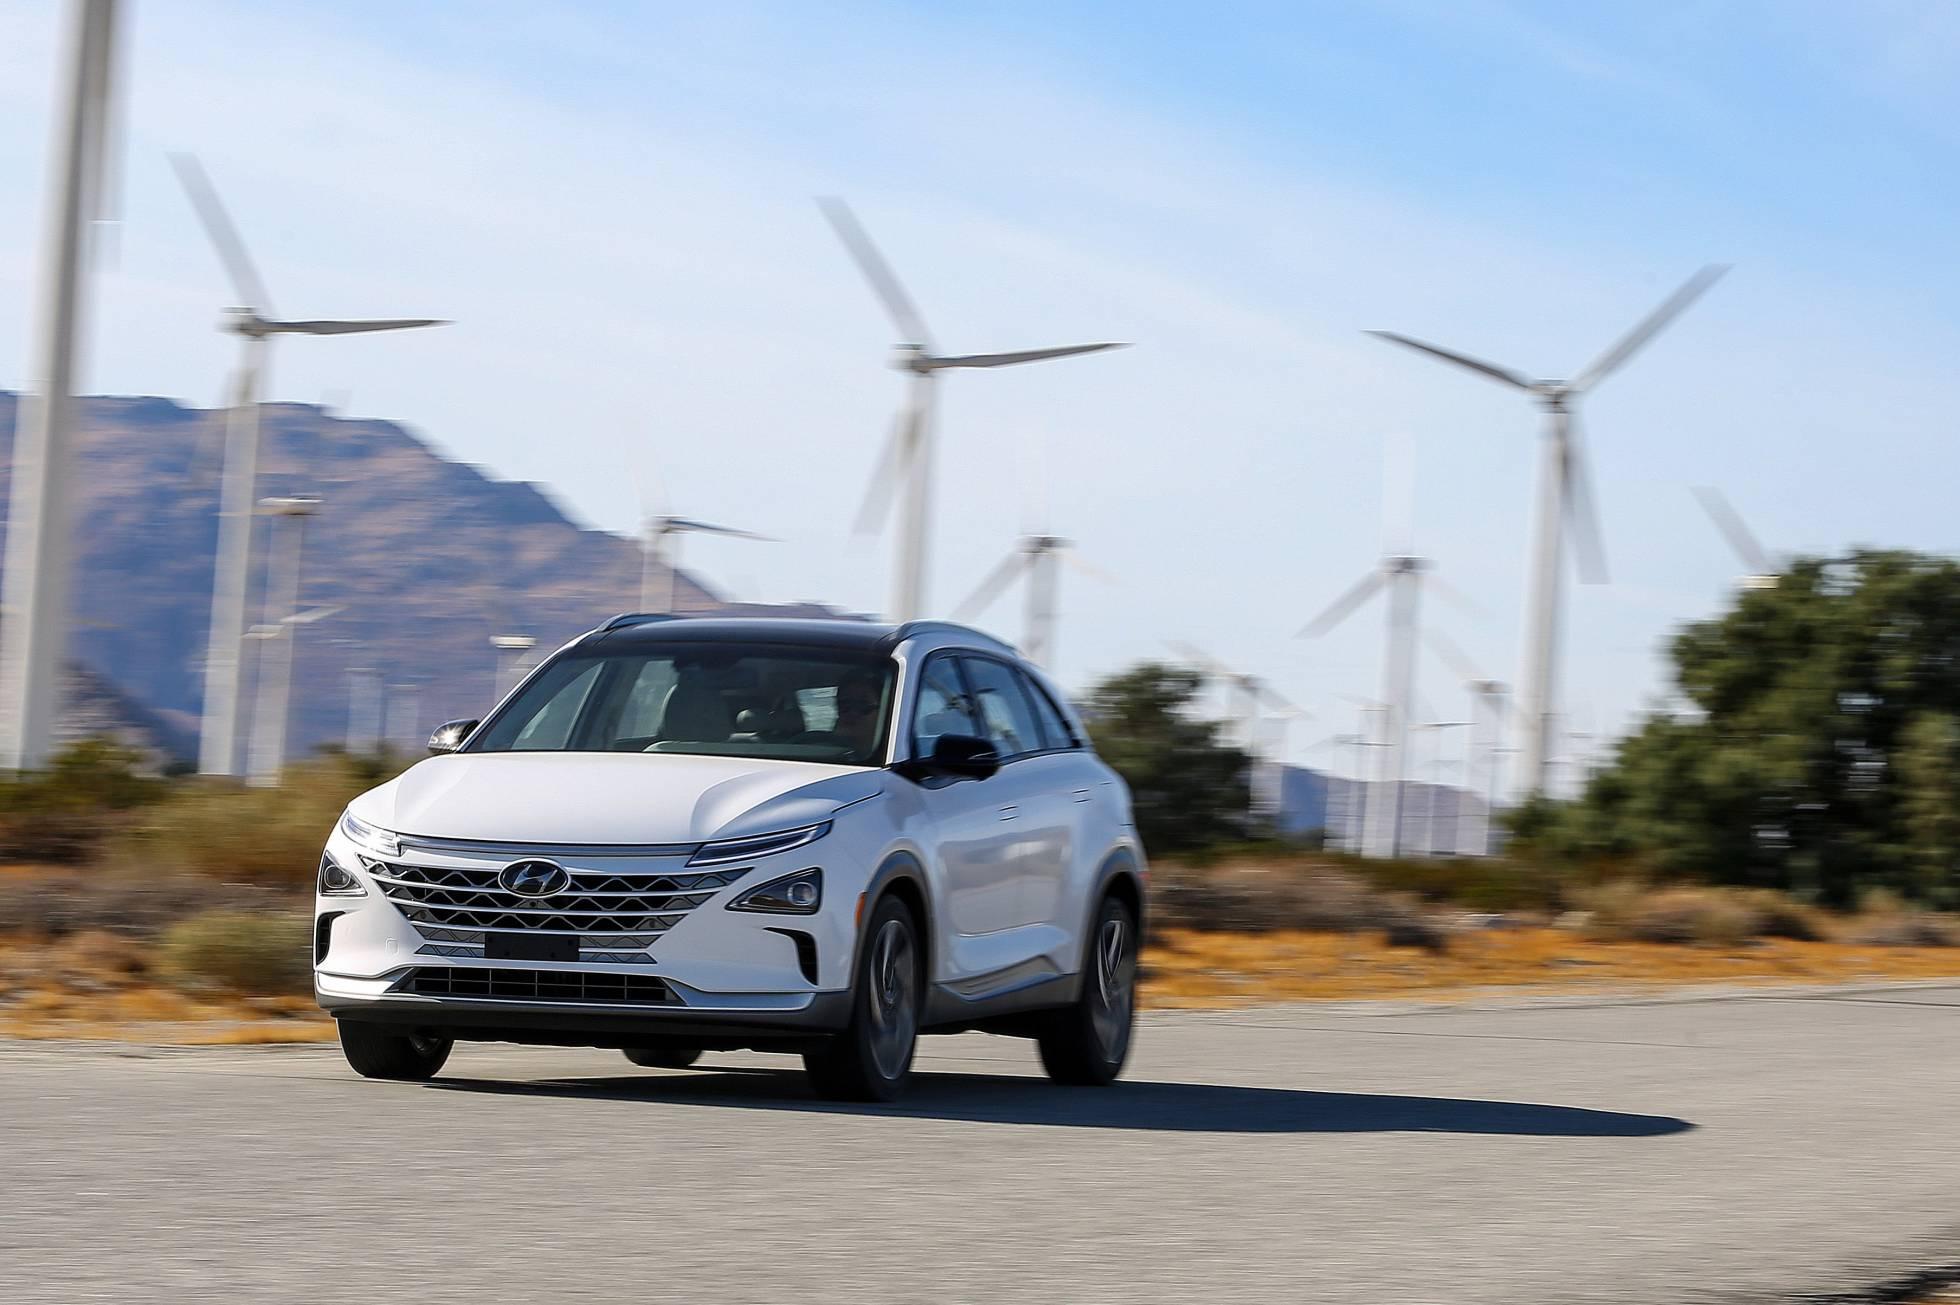 Через 12 лет по дорогам Испании будет ездить 140 000 водородных автомобилей